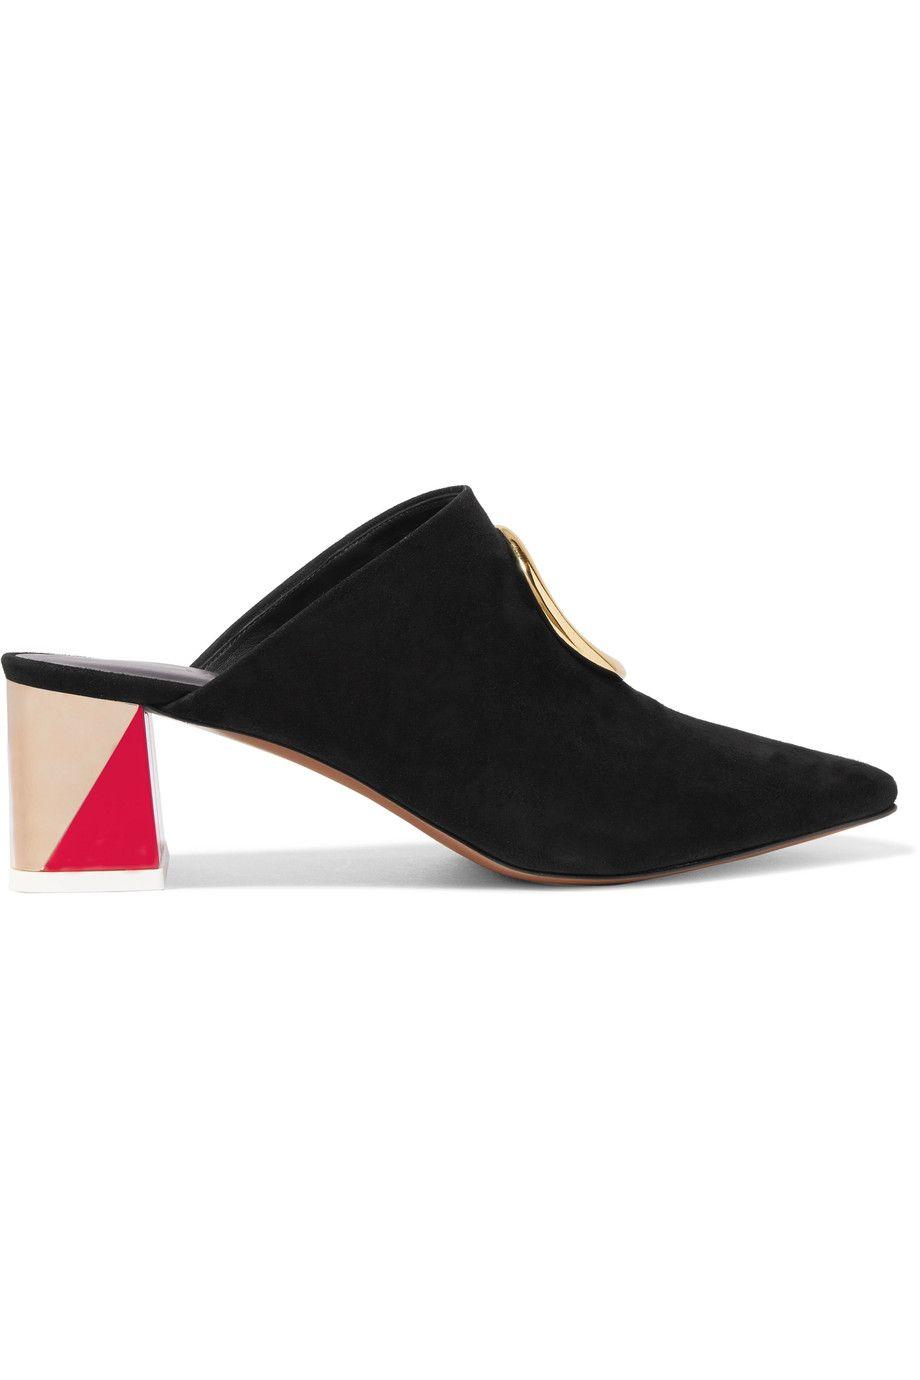 scarpe col tacco comode moda 2018 come le mule  di Noes